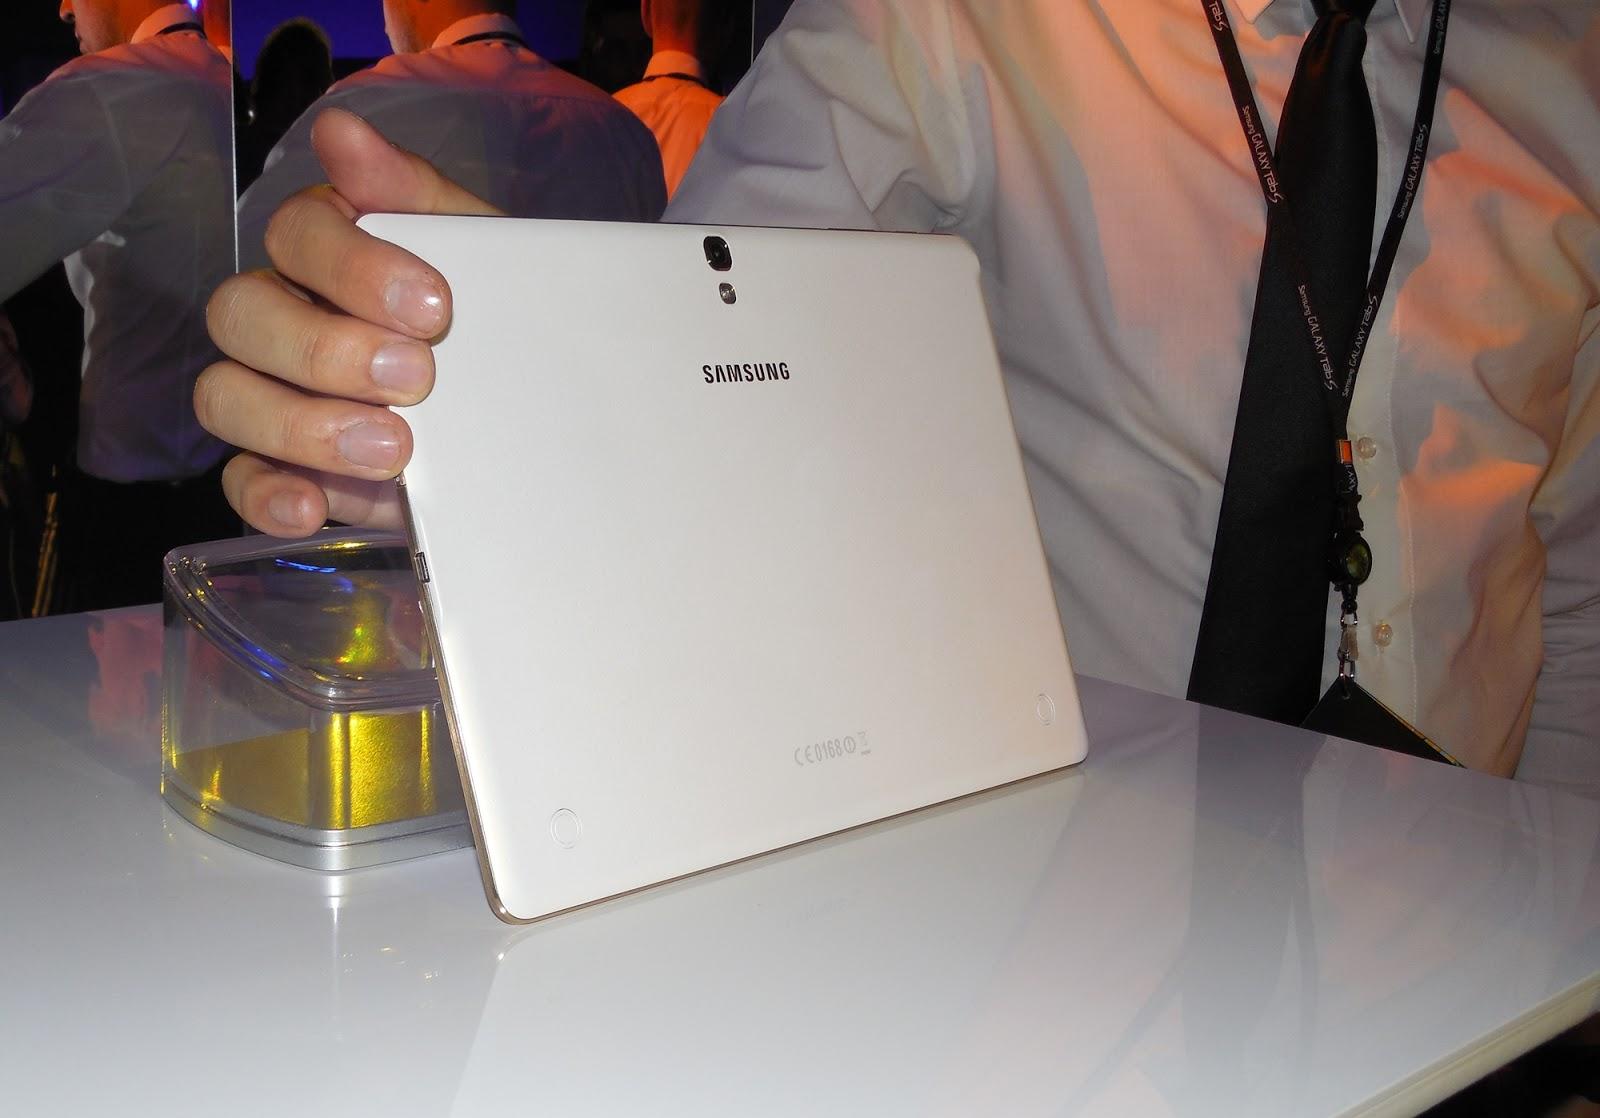 Noua gamă de tablete Samsung Galaxy Tab S lansată oficial pe piața din România În cadrul unui eveniment plin de culoare